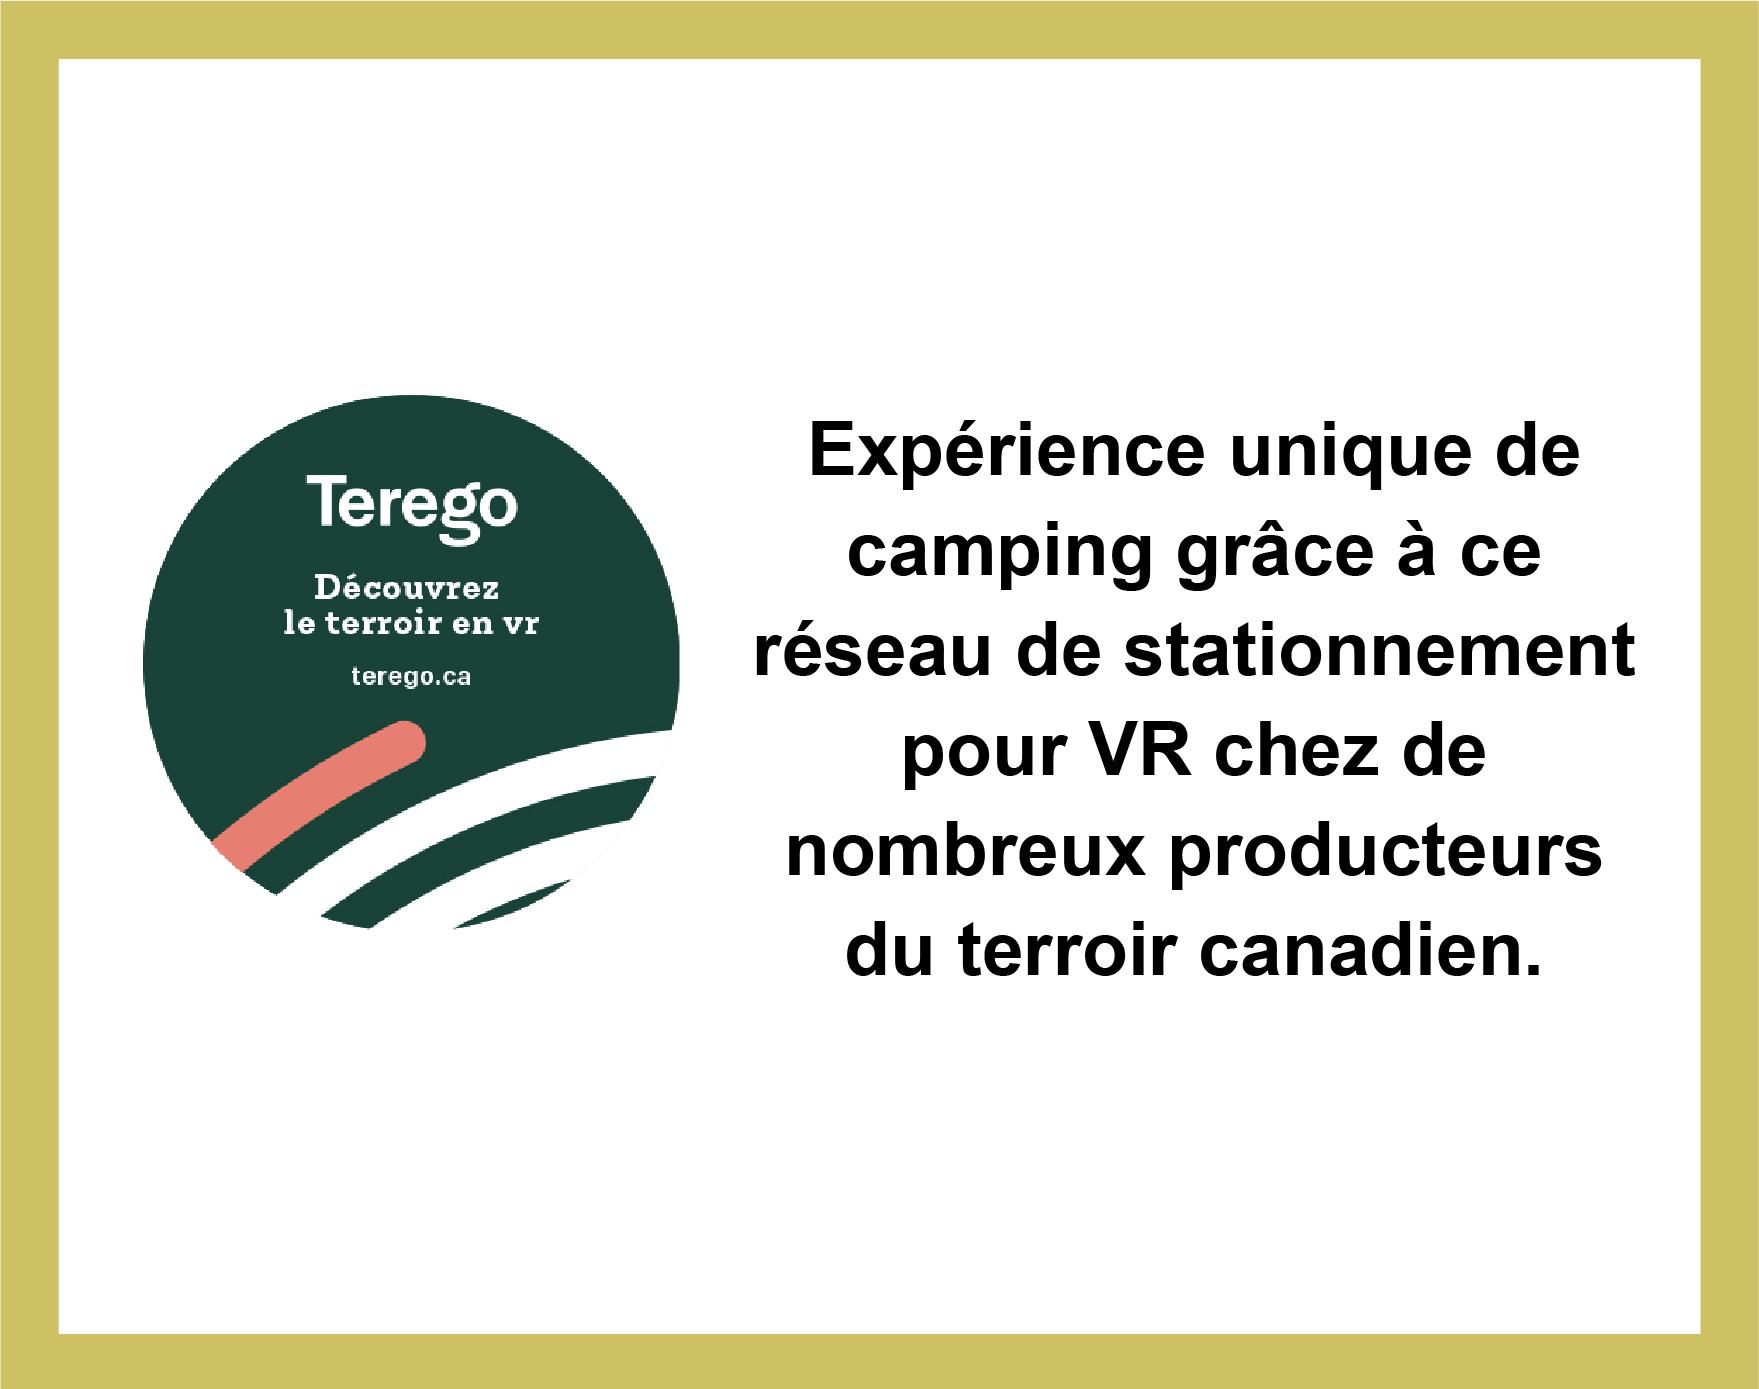 Partenariat avec Terego, réseau de stationnement pour VR chez des producteurs du terroir canadien